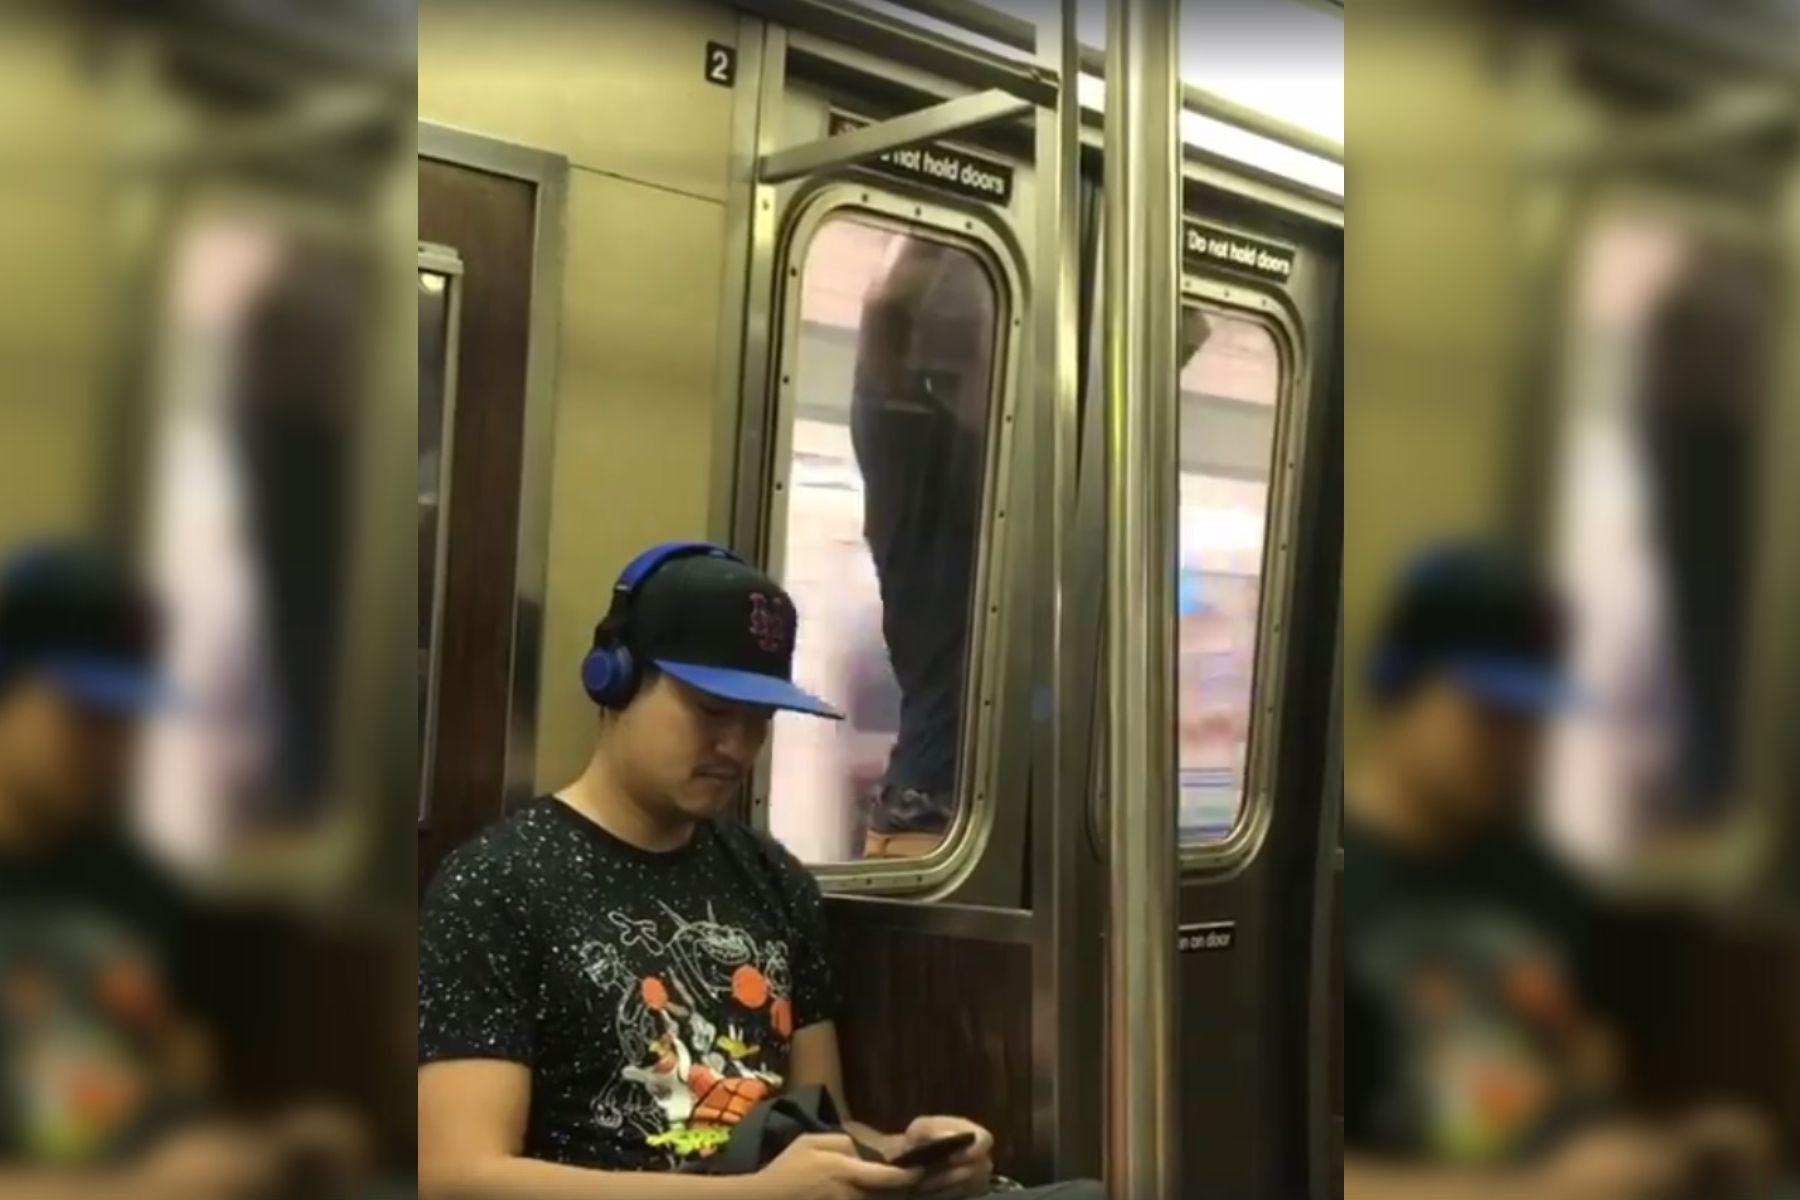 ¿Qué hace? Estupor ante un usuario que viaja colgado de la puerta del subte